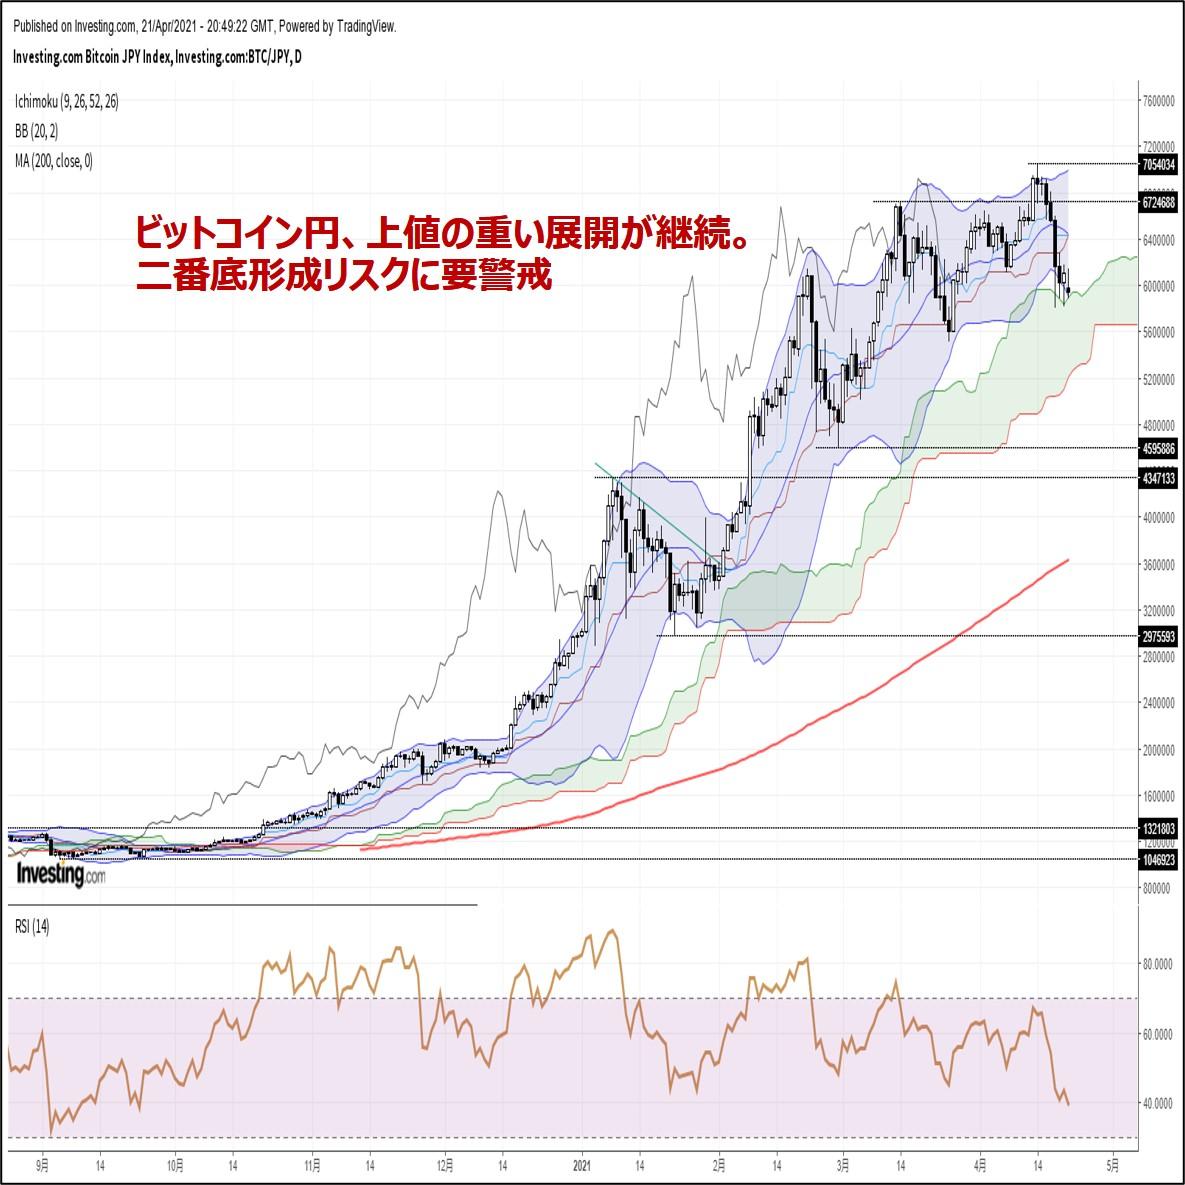 ビットコイン円、上値の重い展開が継続。二番底形成リスクに要警戒